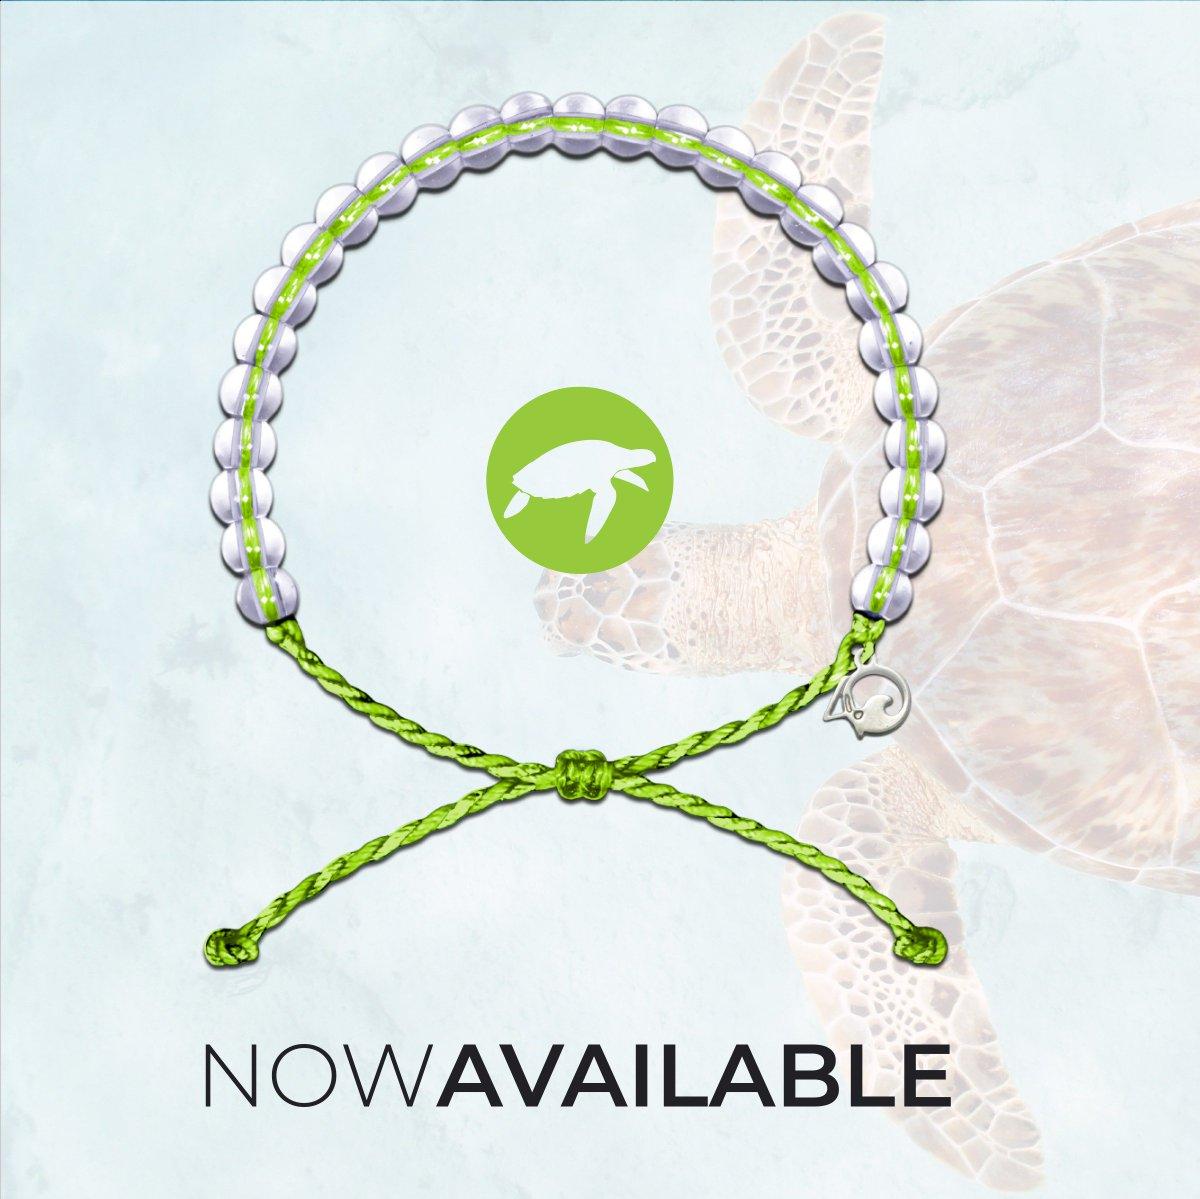 4ocean On Twitter Our June Limitededition Sea Turtle Bracelet Is